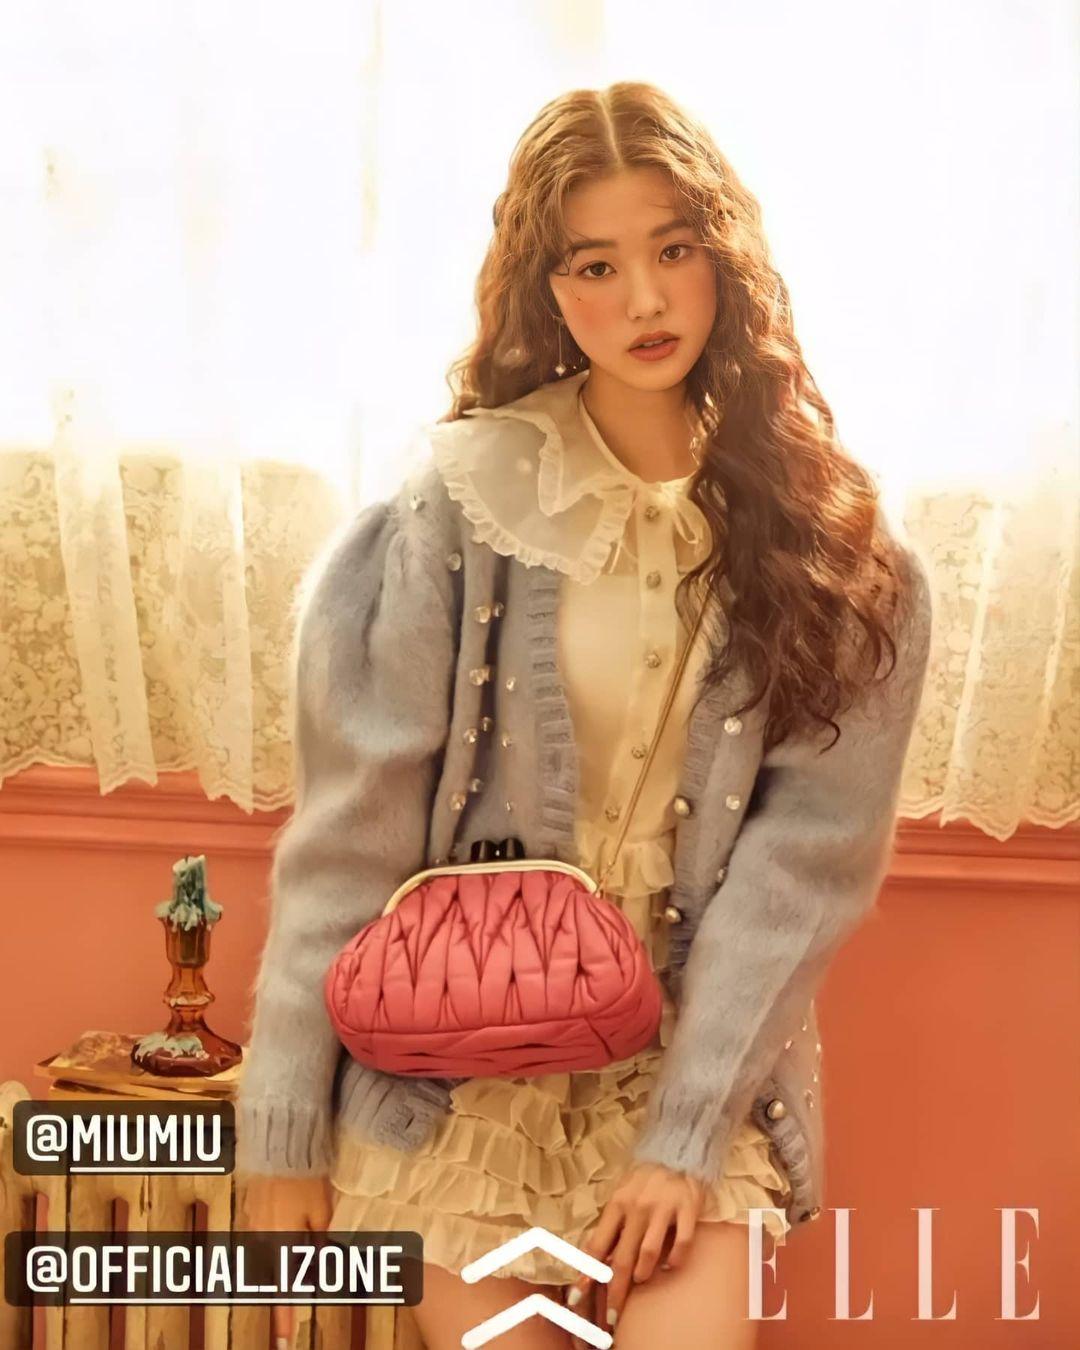 Won Young vốn là một trong những idol có visual nổi bật nhất gen 4. Mới 17 tuổi, cô nàng đã được nhiều thương hiệu cao cấp chọn mặt gửi vàng, trong đó có Miu Miu. Trong những bộ hình hợp tác trước đây cùng nhà mốt này, Won Young cũng nhận được nhiều lời khen ngợi.